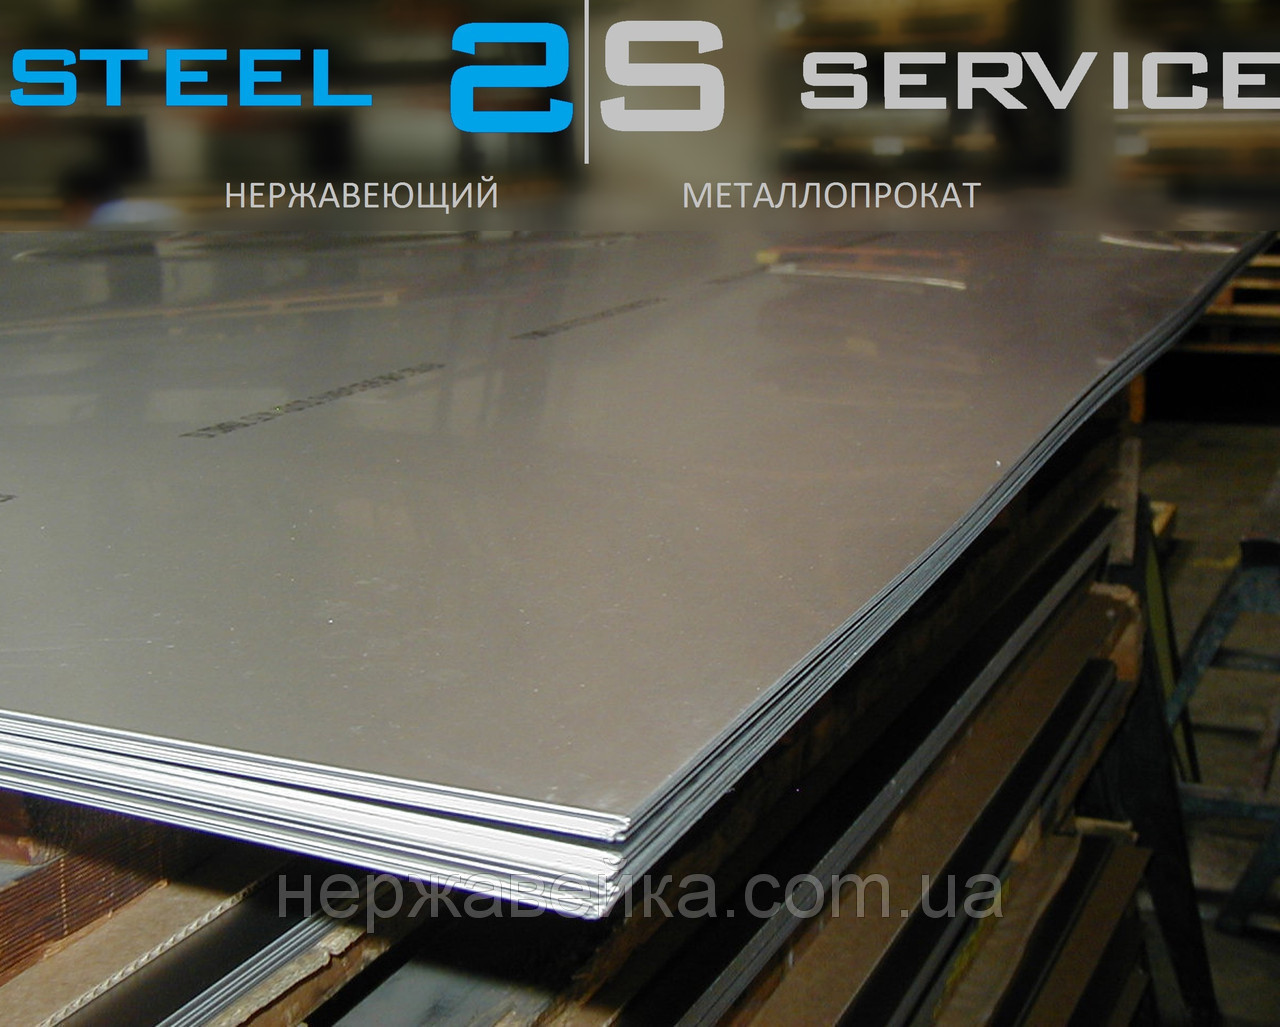 Нержавейка лист 1,5х1250х2500мм  AISI 309(20Х23Н13, 20Х20Н14С2) 2B - матовый,  жаропрочный